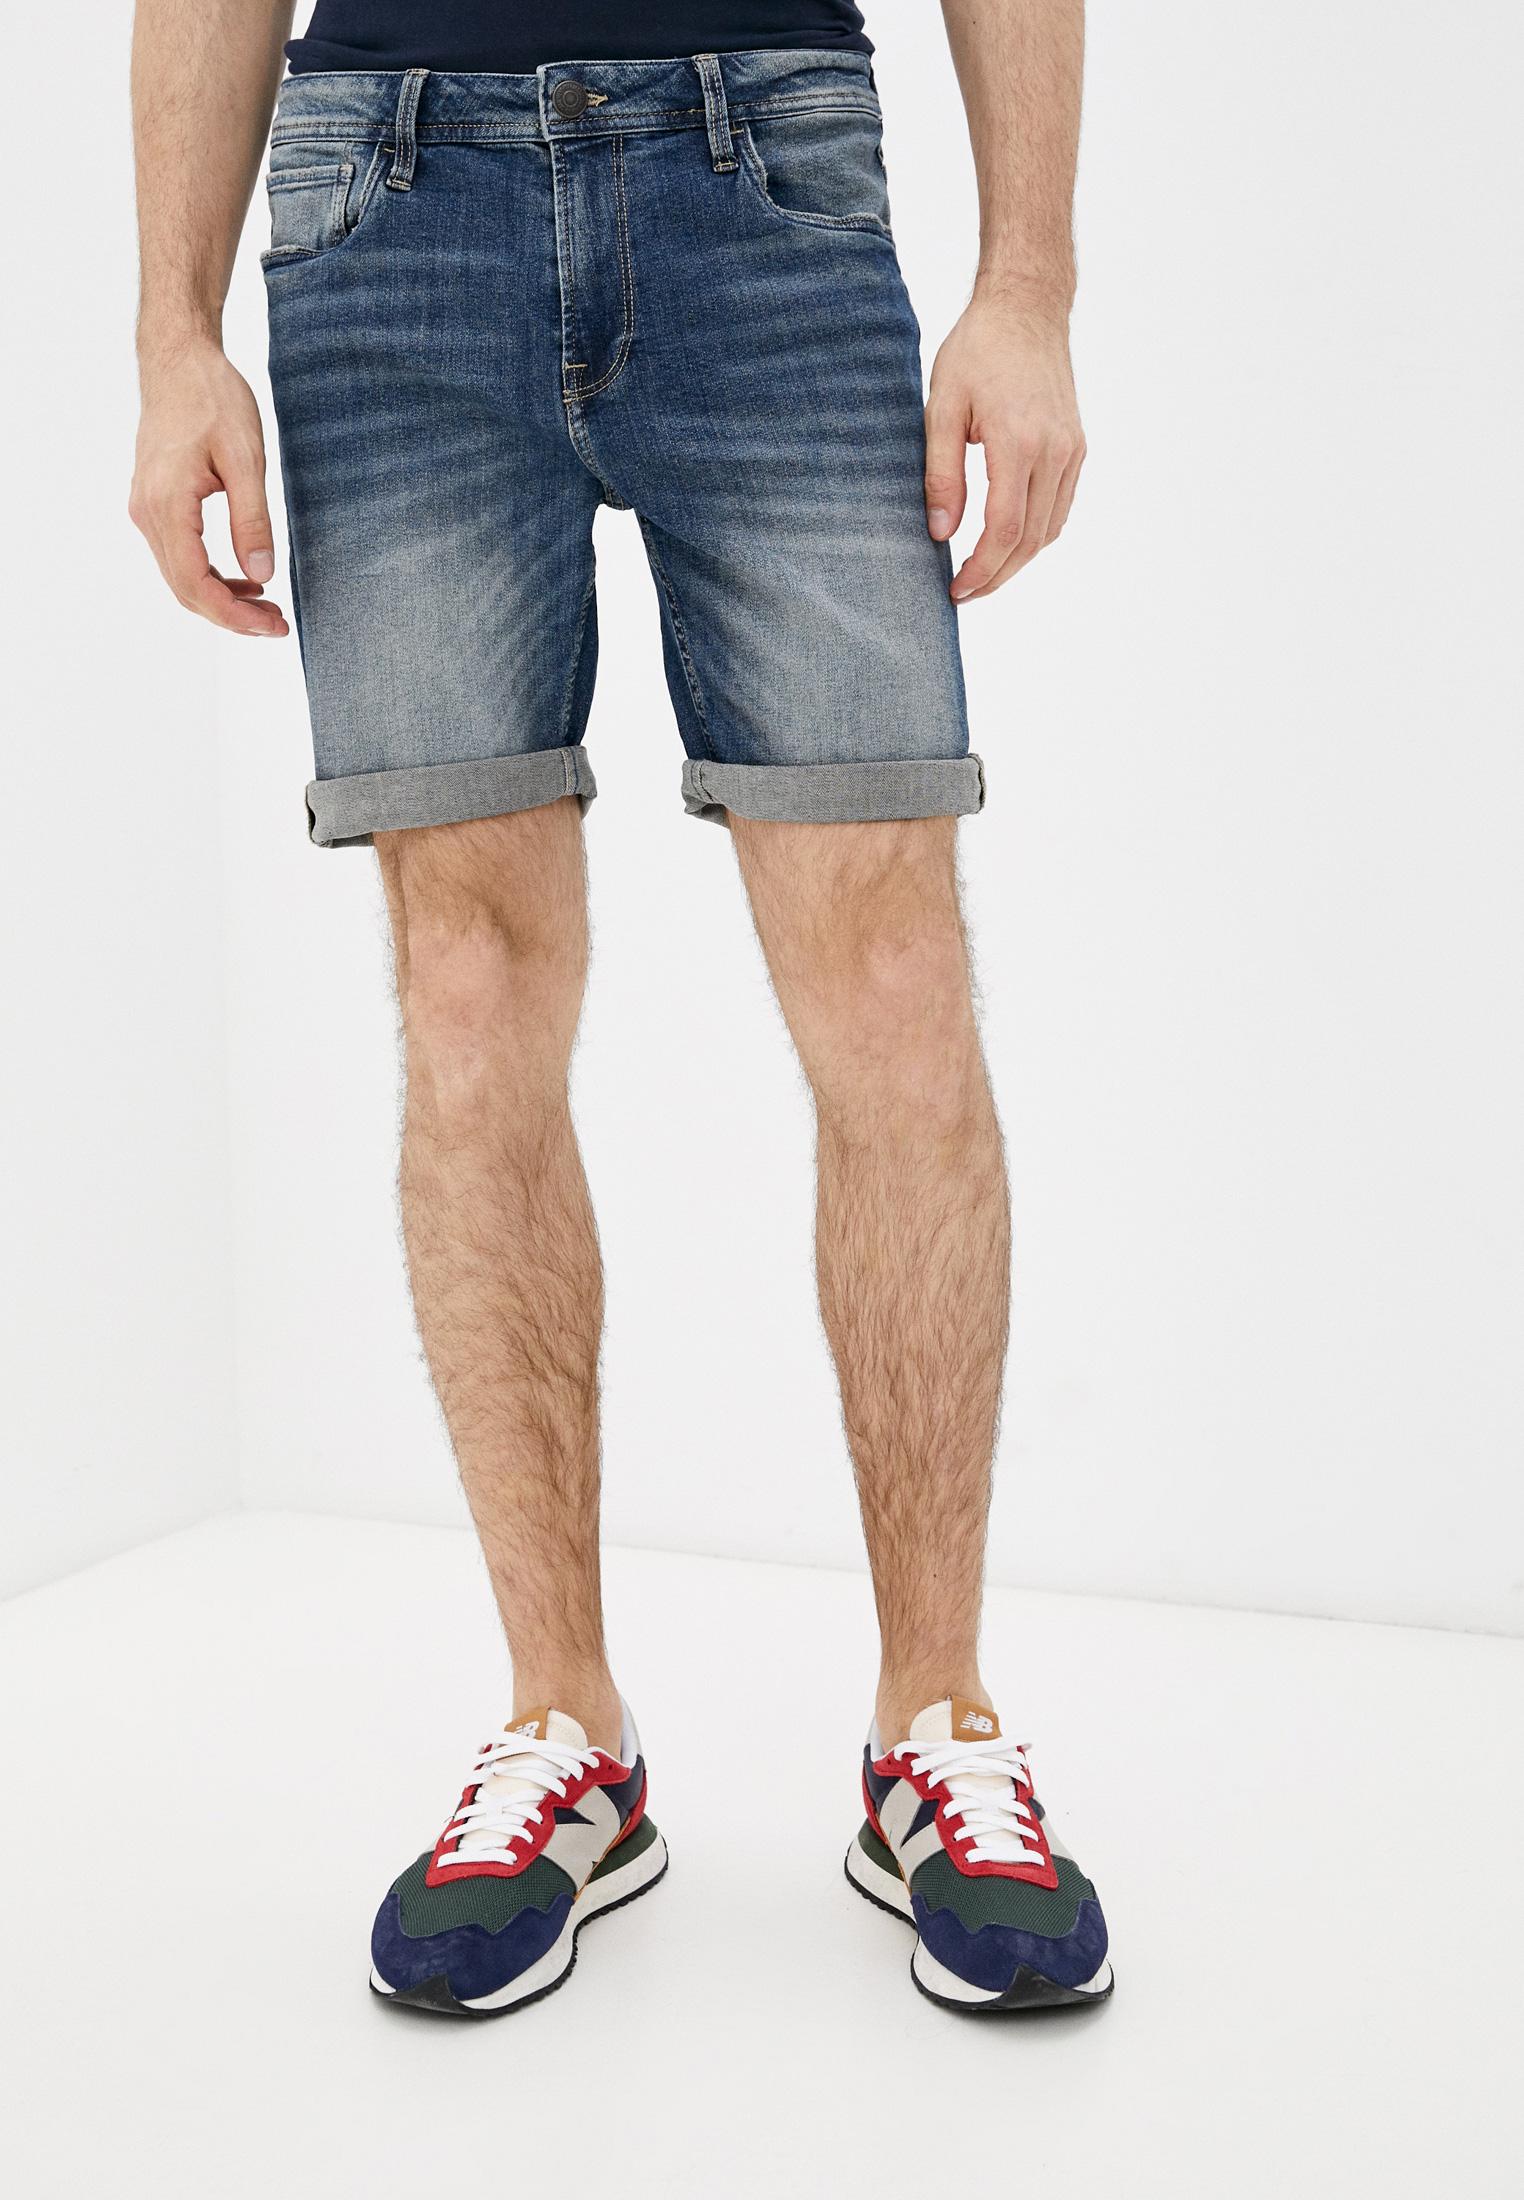 Мужские джинсовые шорты Produkt Шорты джинсовые Produkt